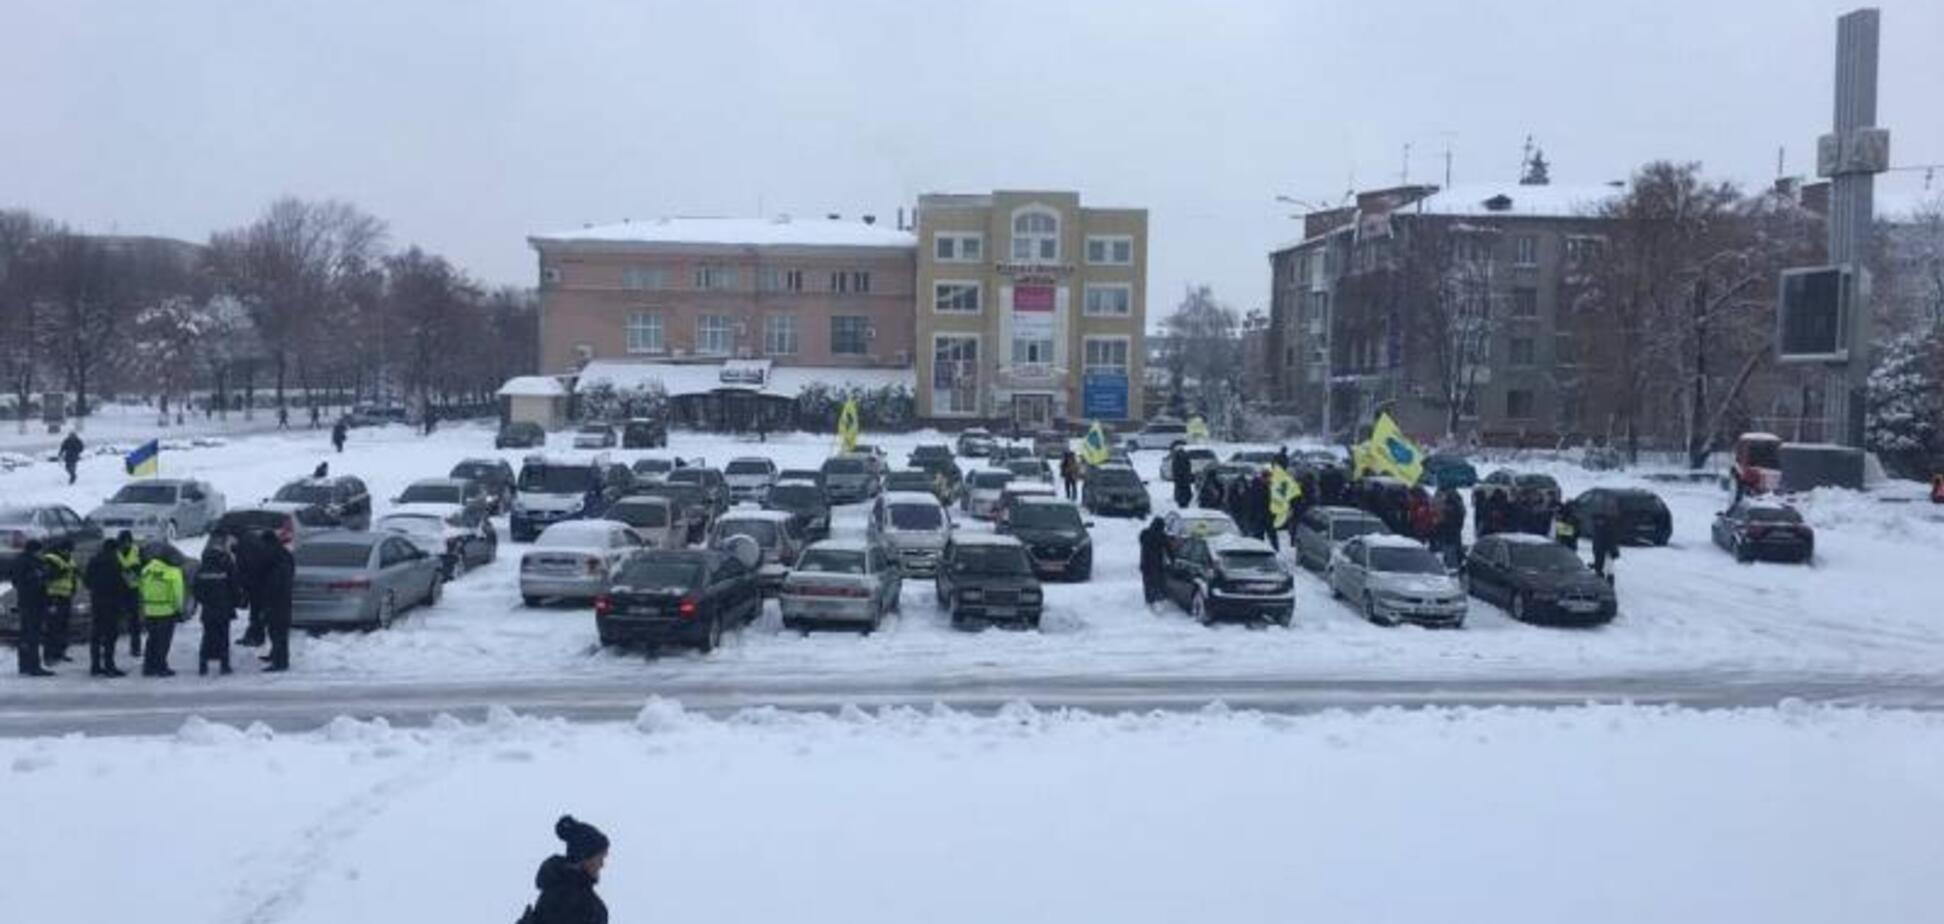 Протести 'євробляхерів' заблокували рух по всій Україні: опубліковано повний список доріг